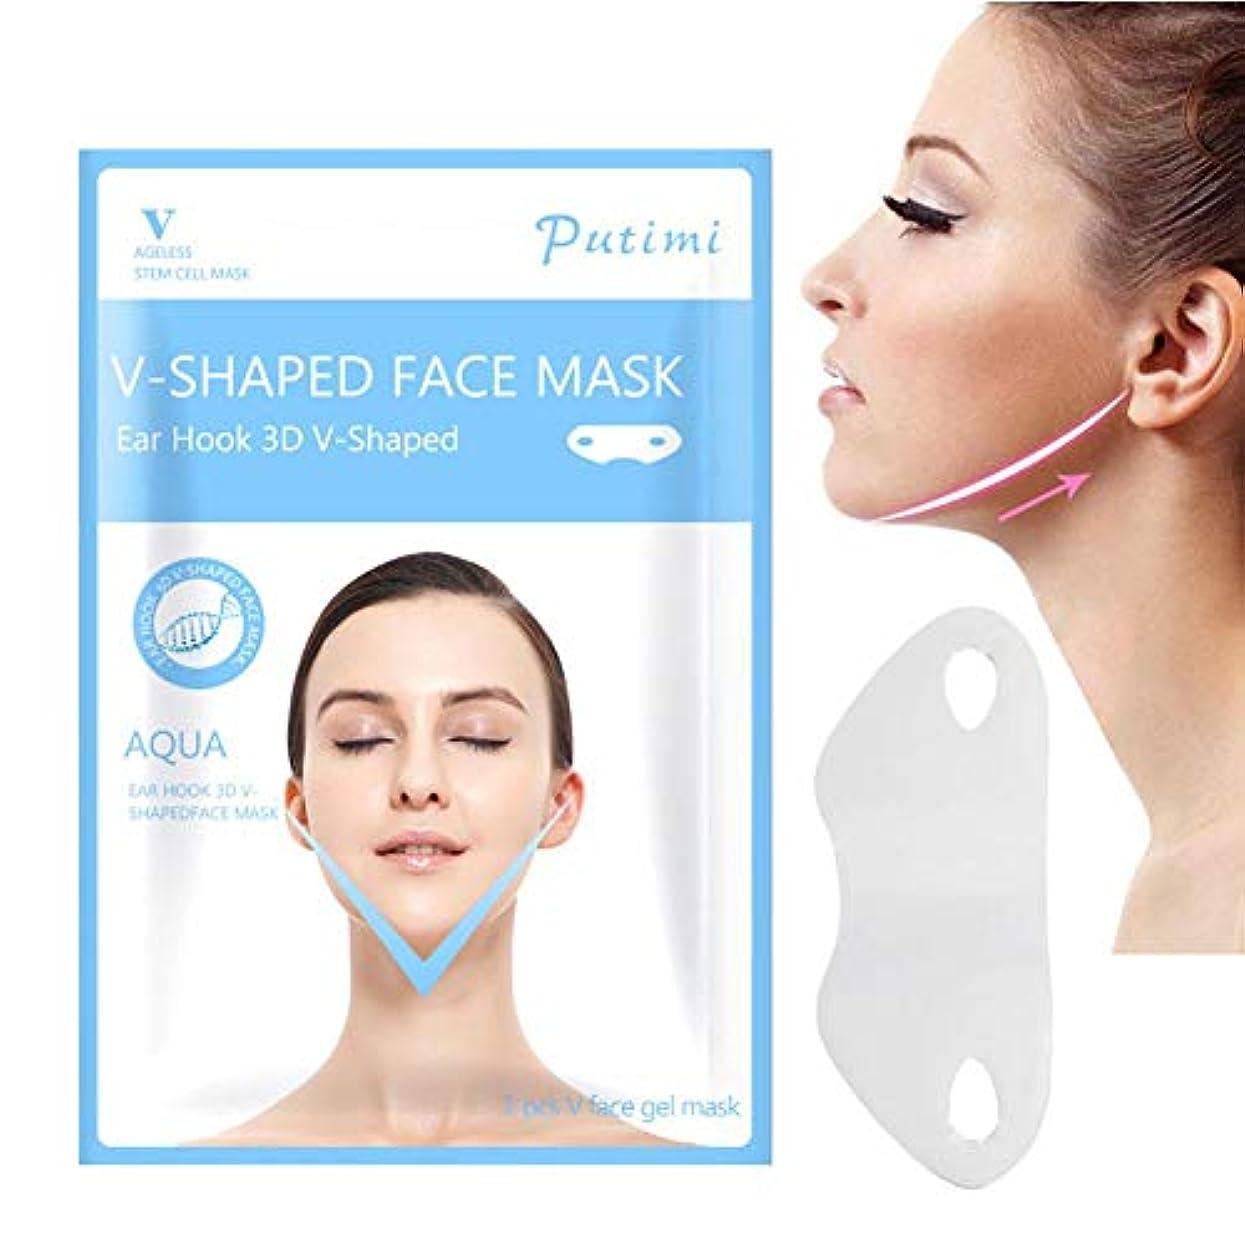 ボイド上に築きますおしゃれじゃないSILUN 最新型 Vフェイシャルマスク フェイスマスク 小顔 マスク フェイスラインベルト 美顔 顔痩せ 保湿 血行を促進する 睡眠マスク